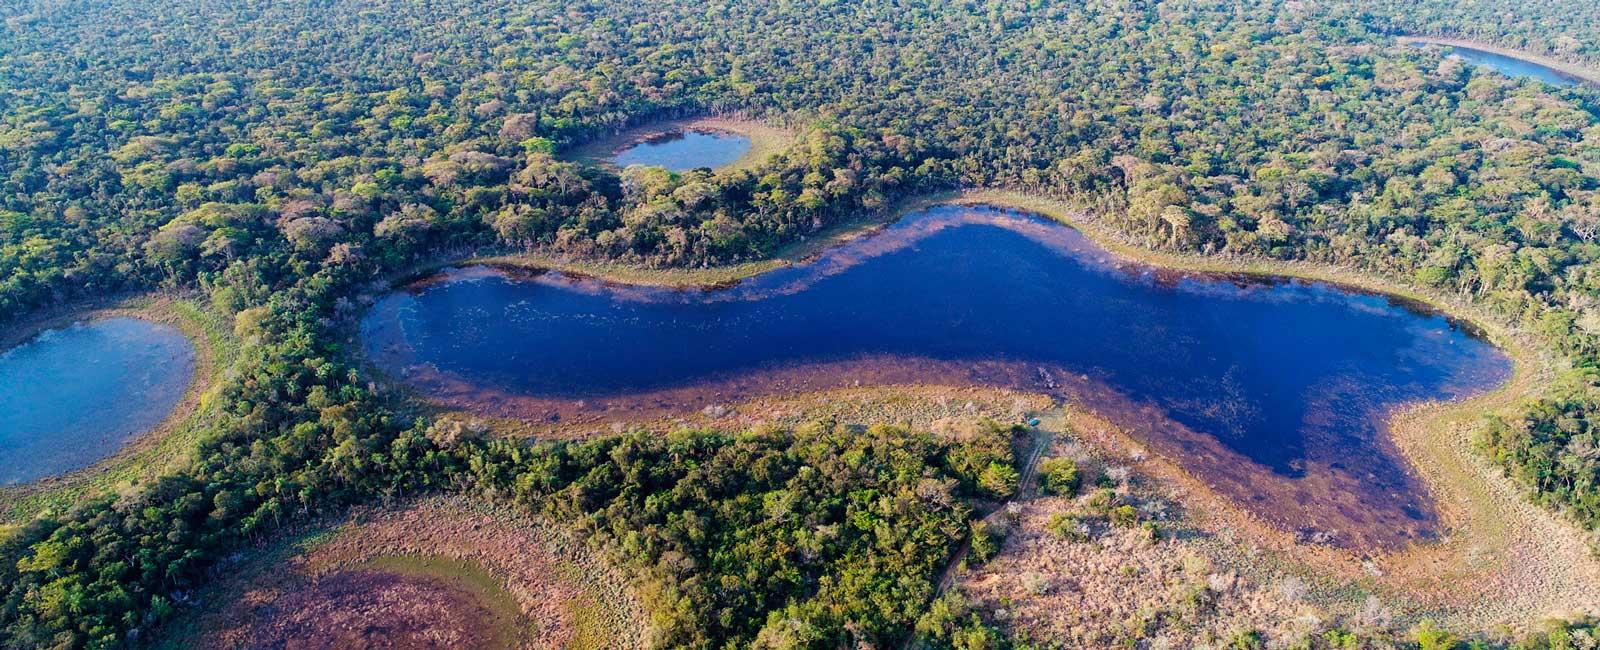 Vista-aérea-de-un-bosque-subtropical-de-Paraguay-1600×650